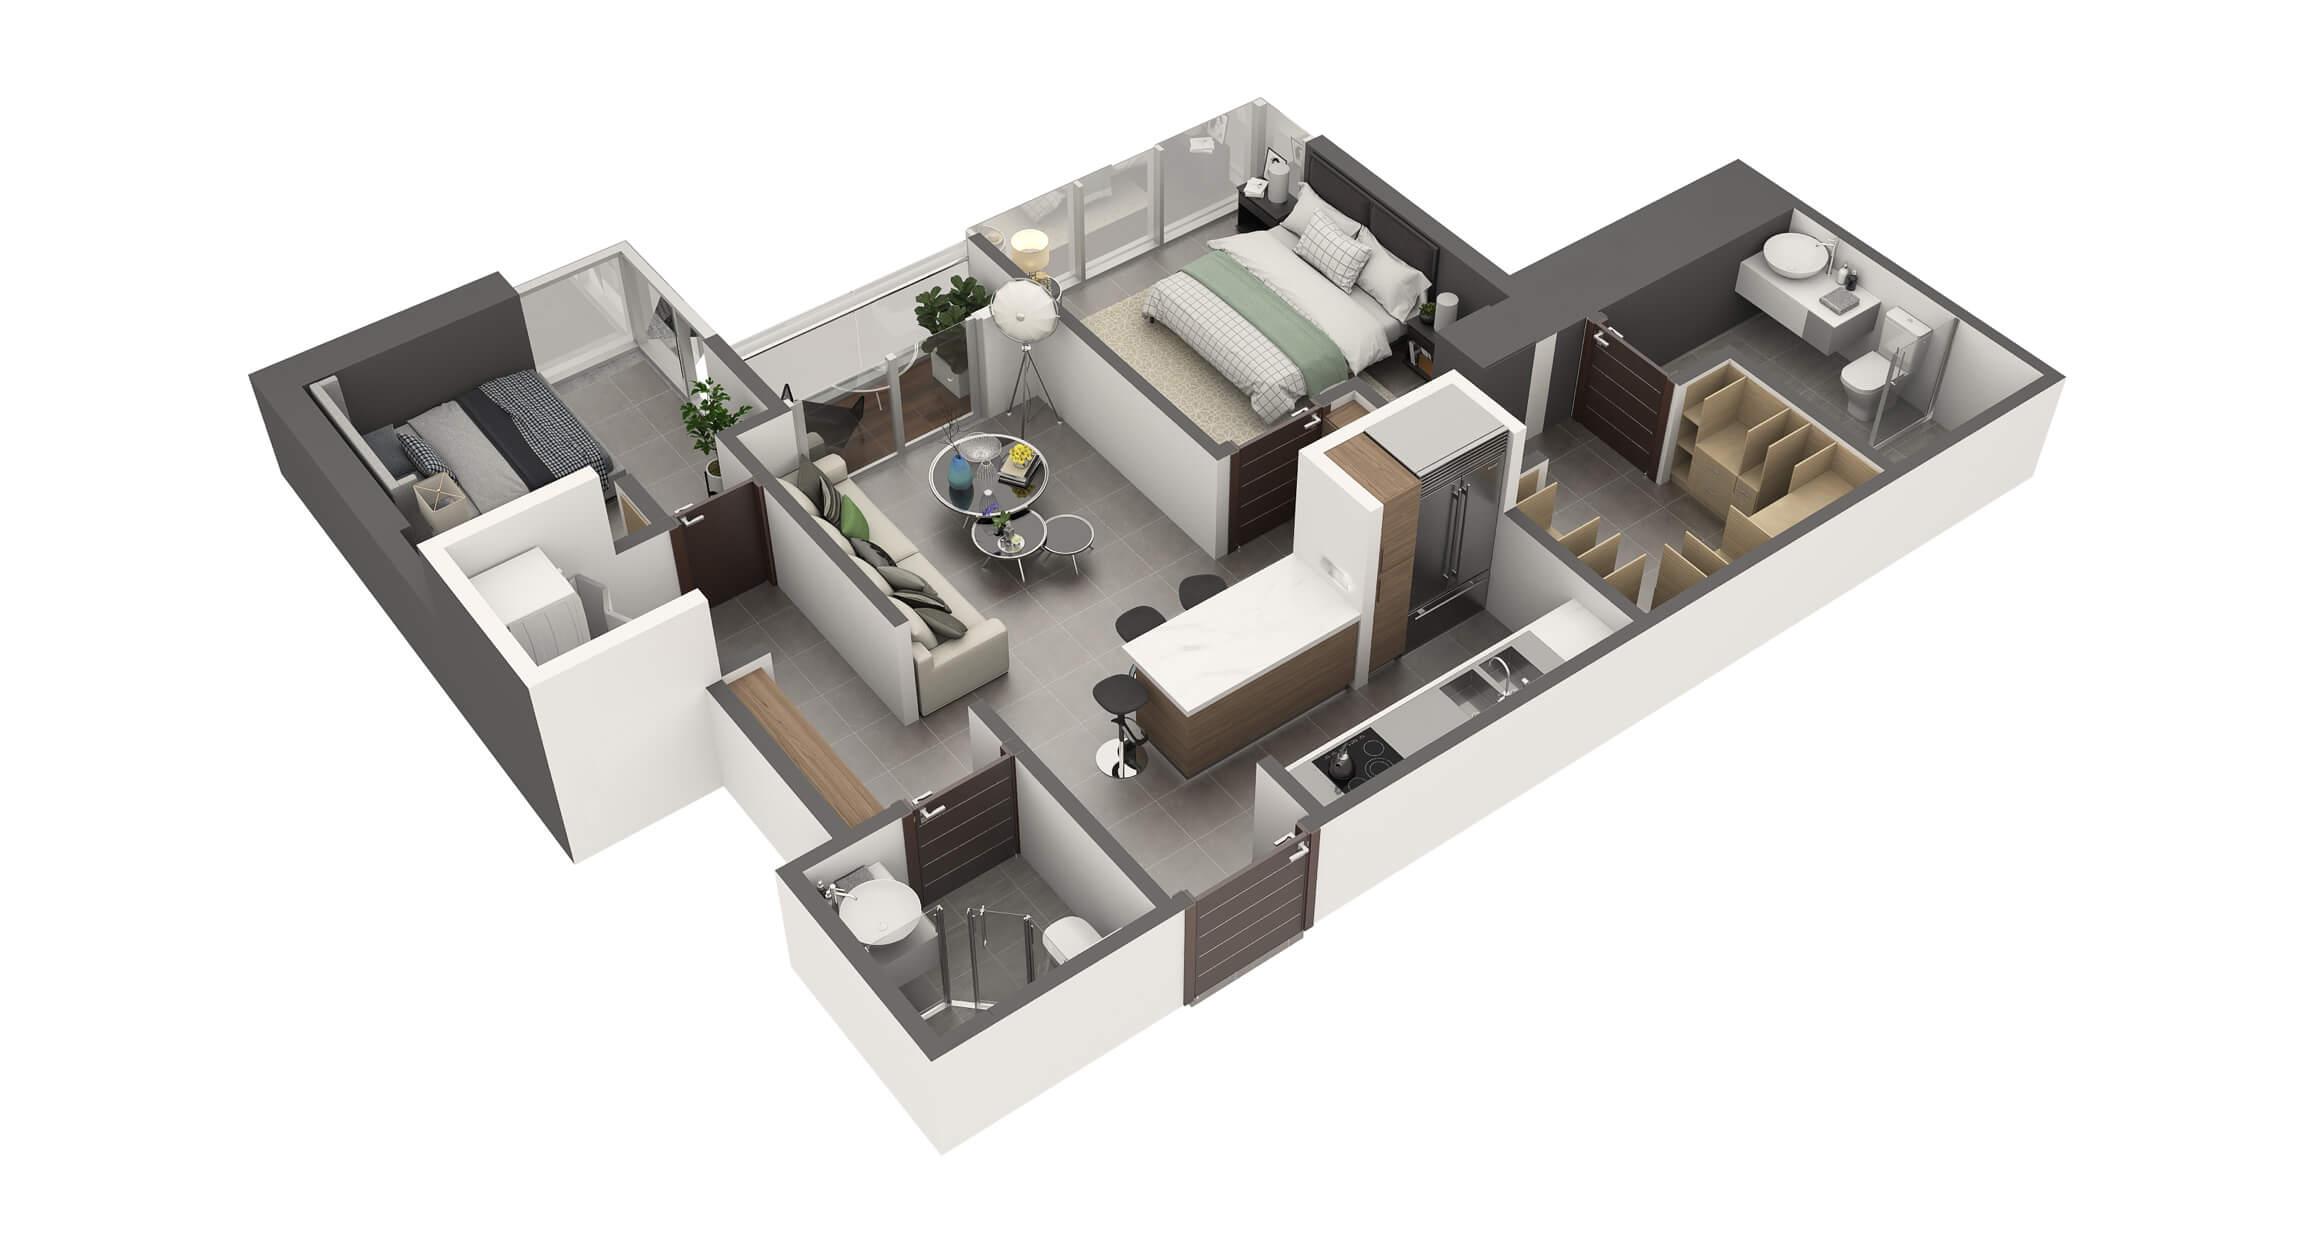 Apartamento Tipo 1B2 Habitaciones